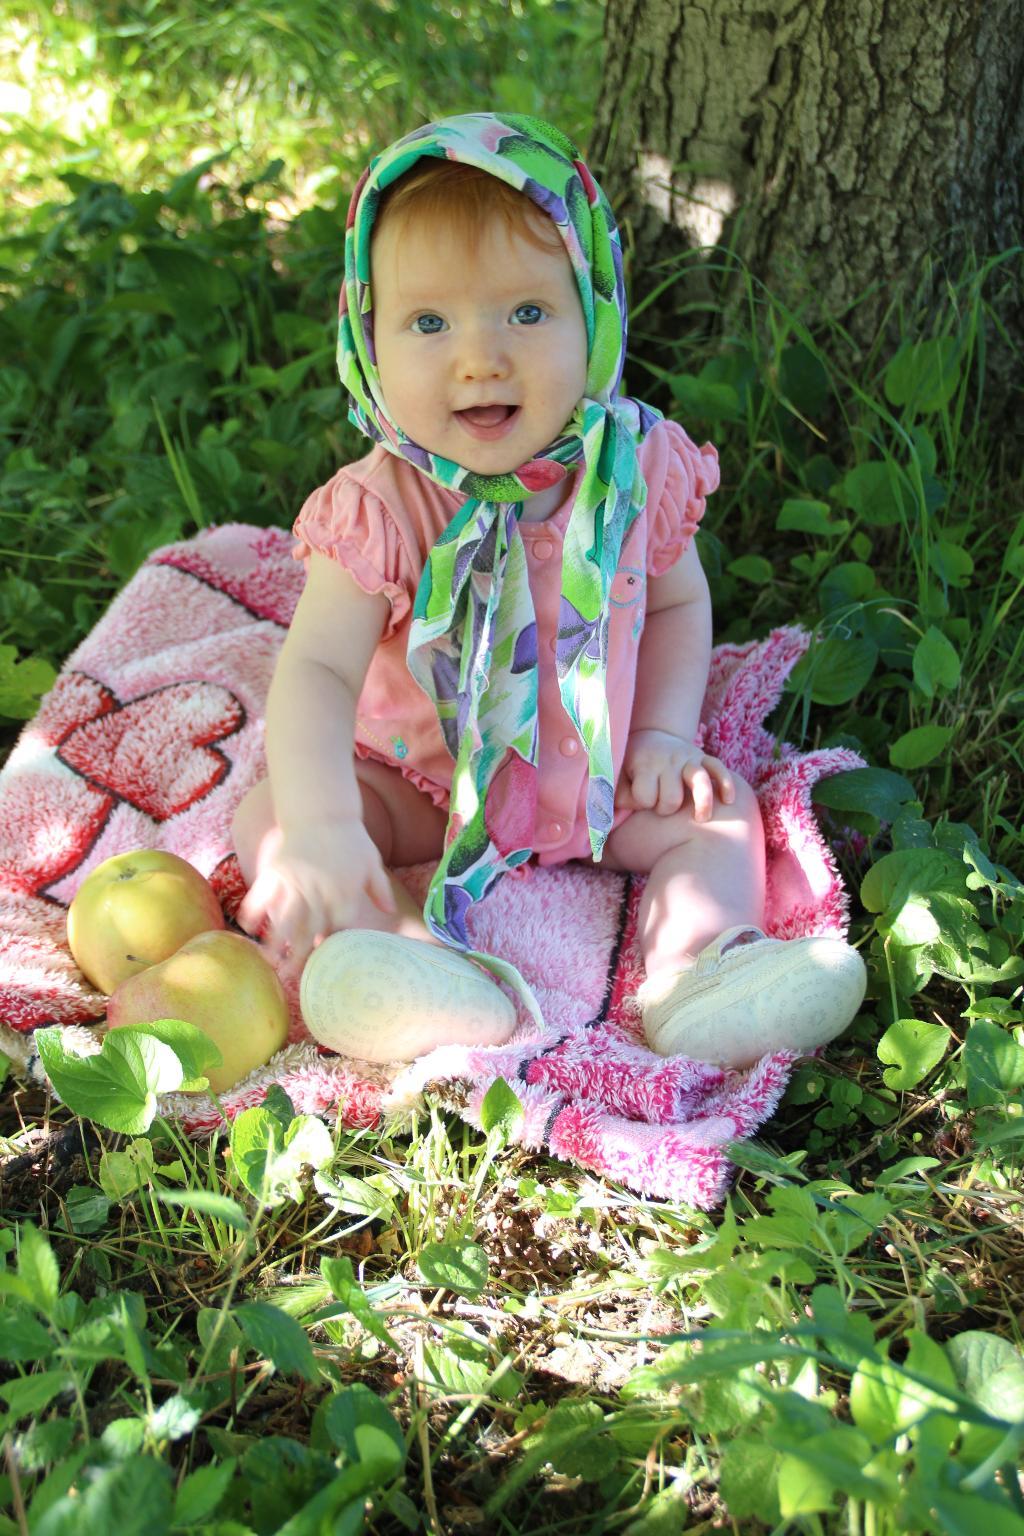 Девочка с яблоками!. От улыбки хмурый день светлей!